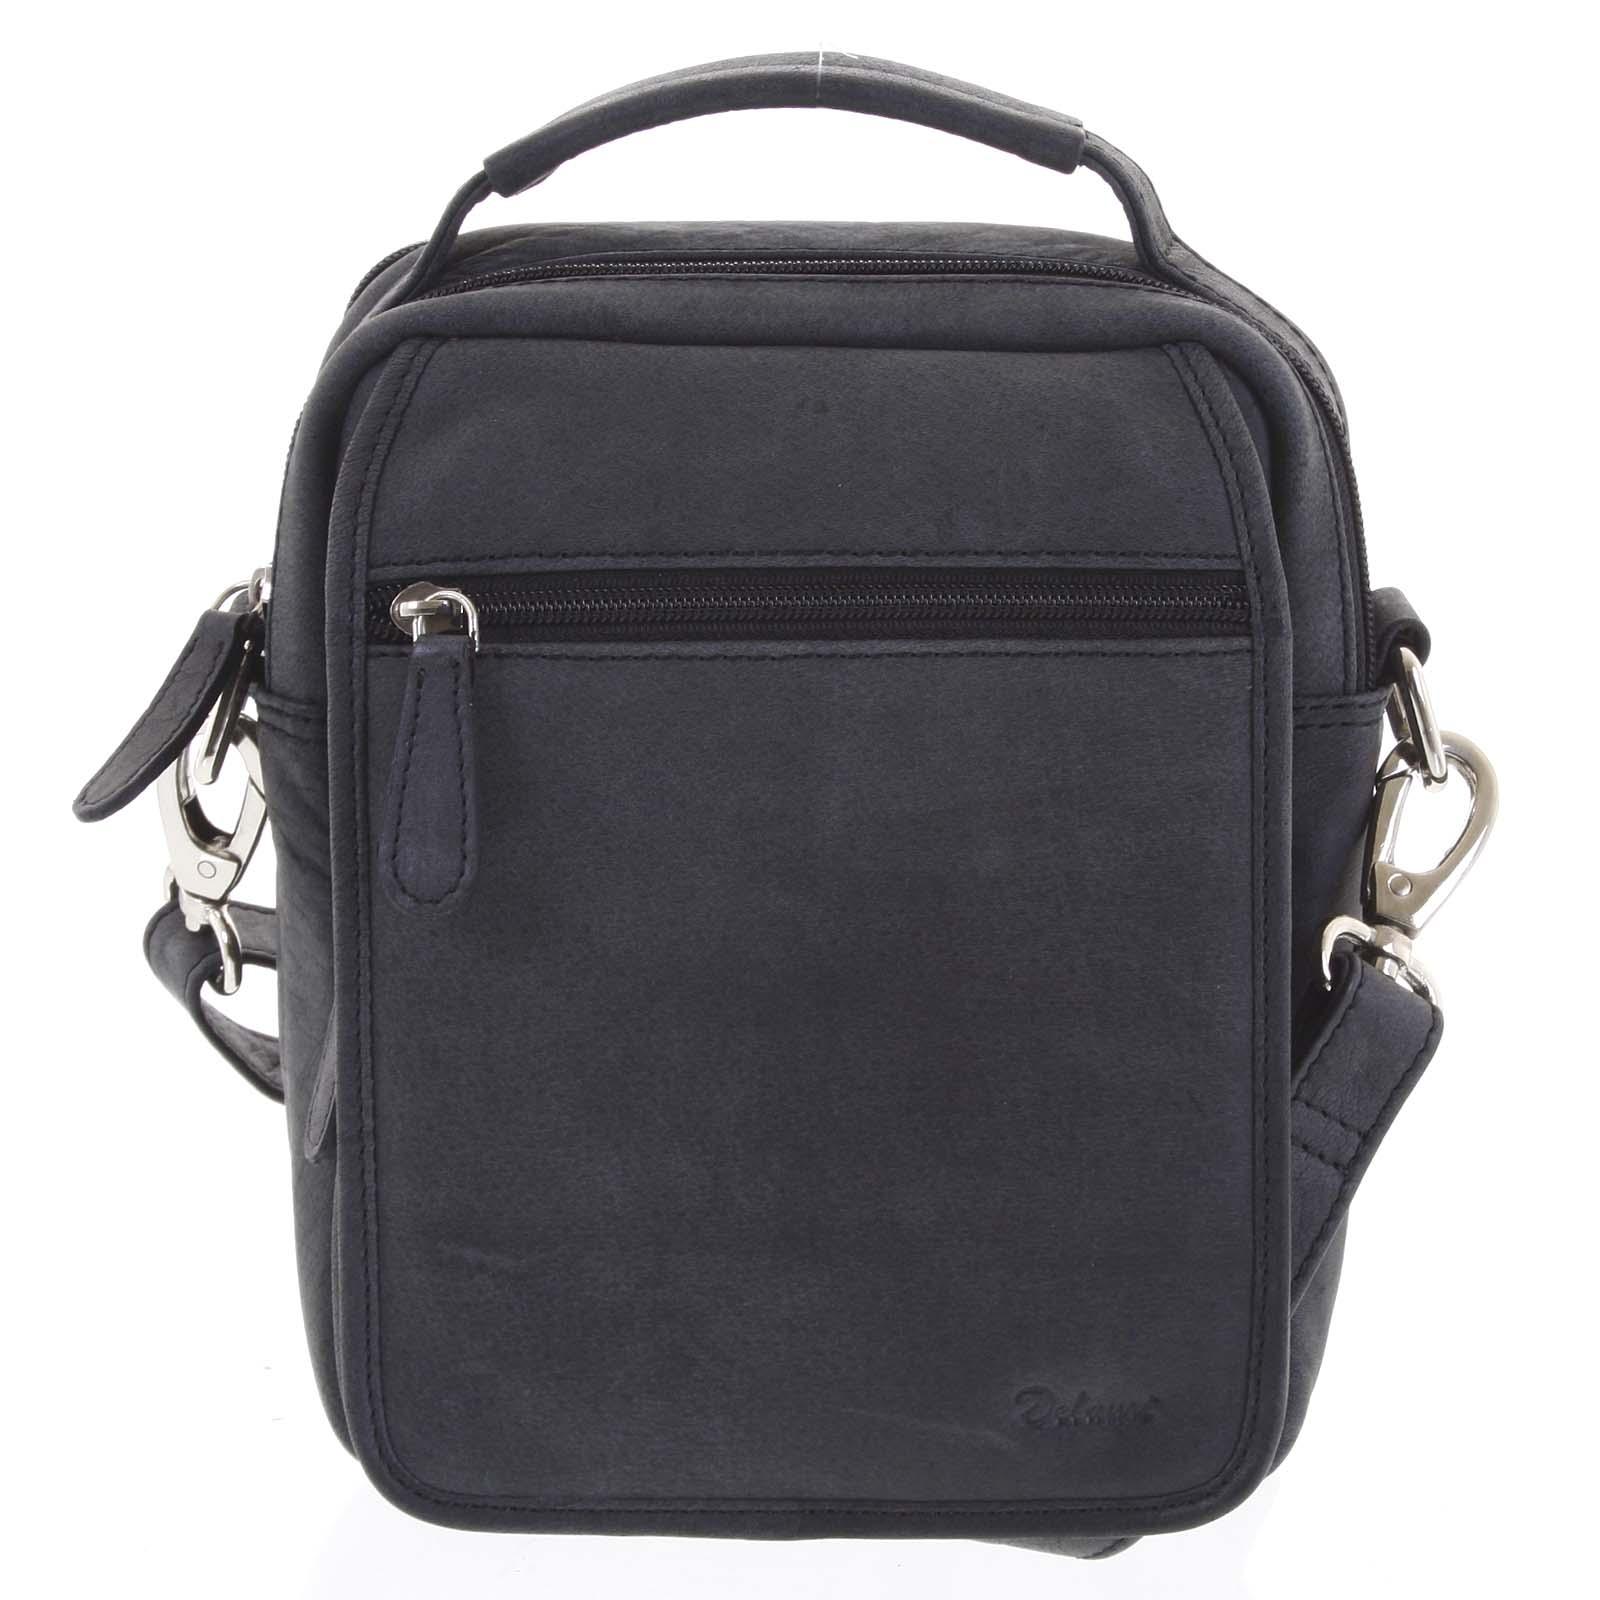 Pánská kožená taška přes rameno černá - Delami Gabo M